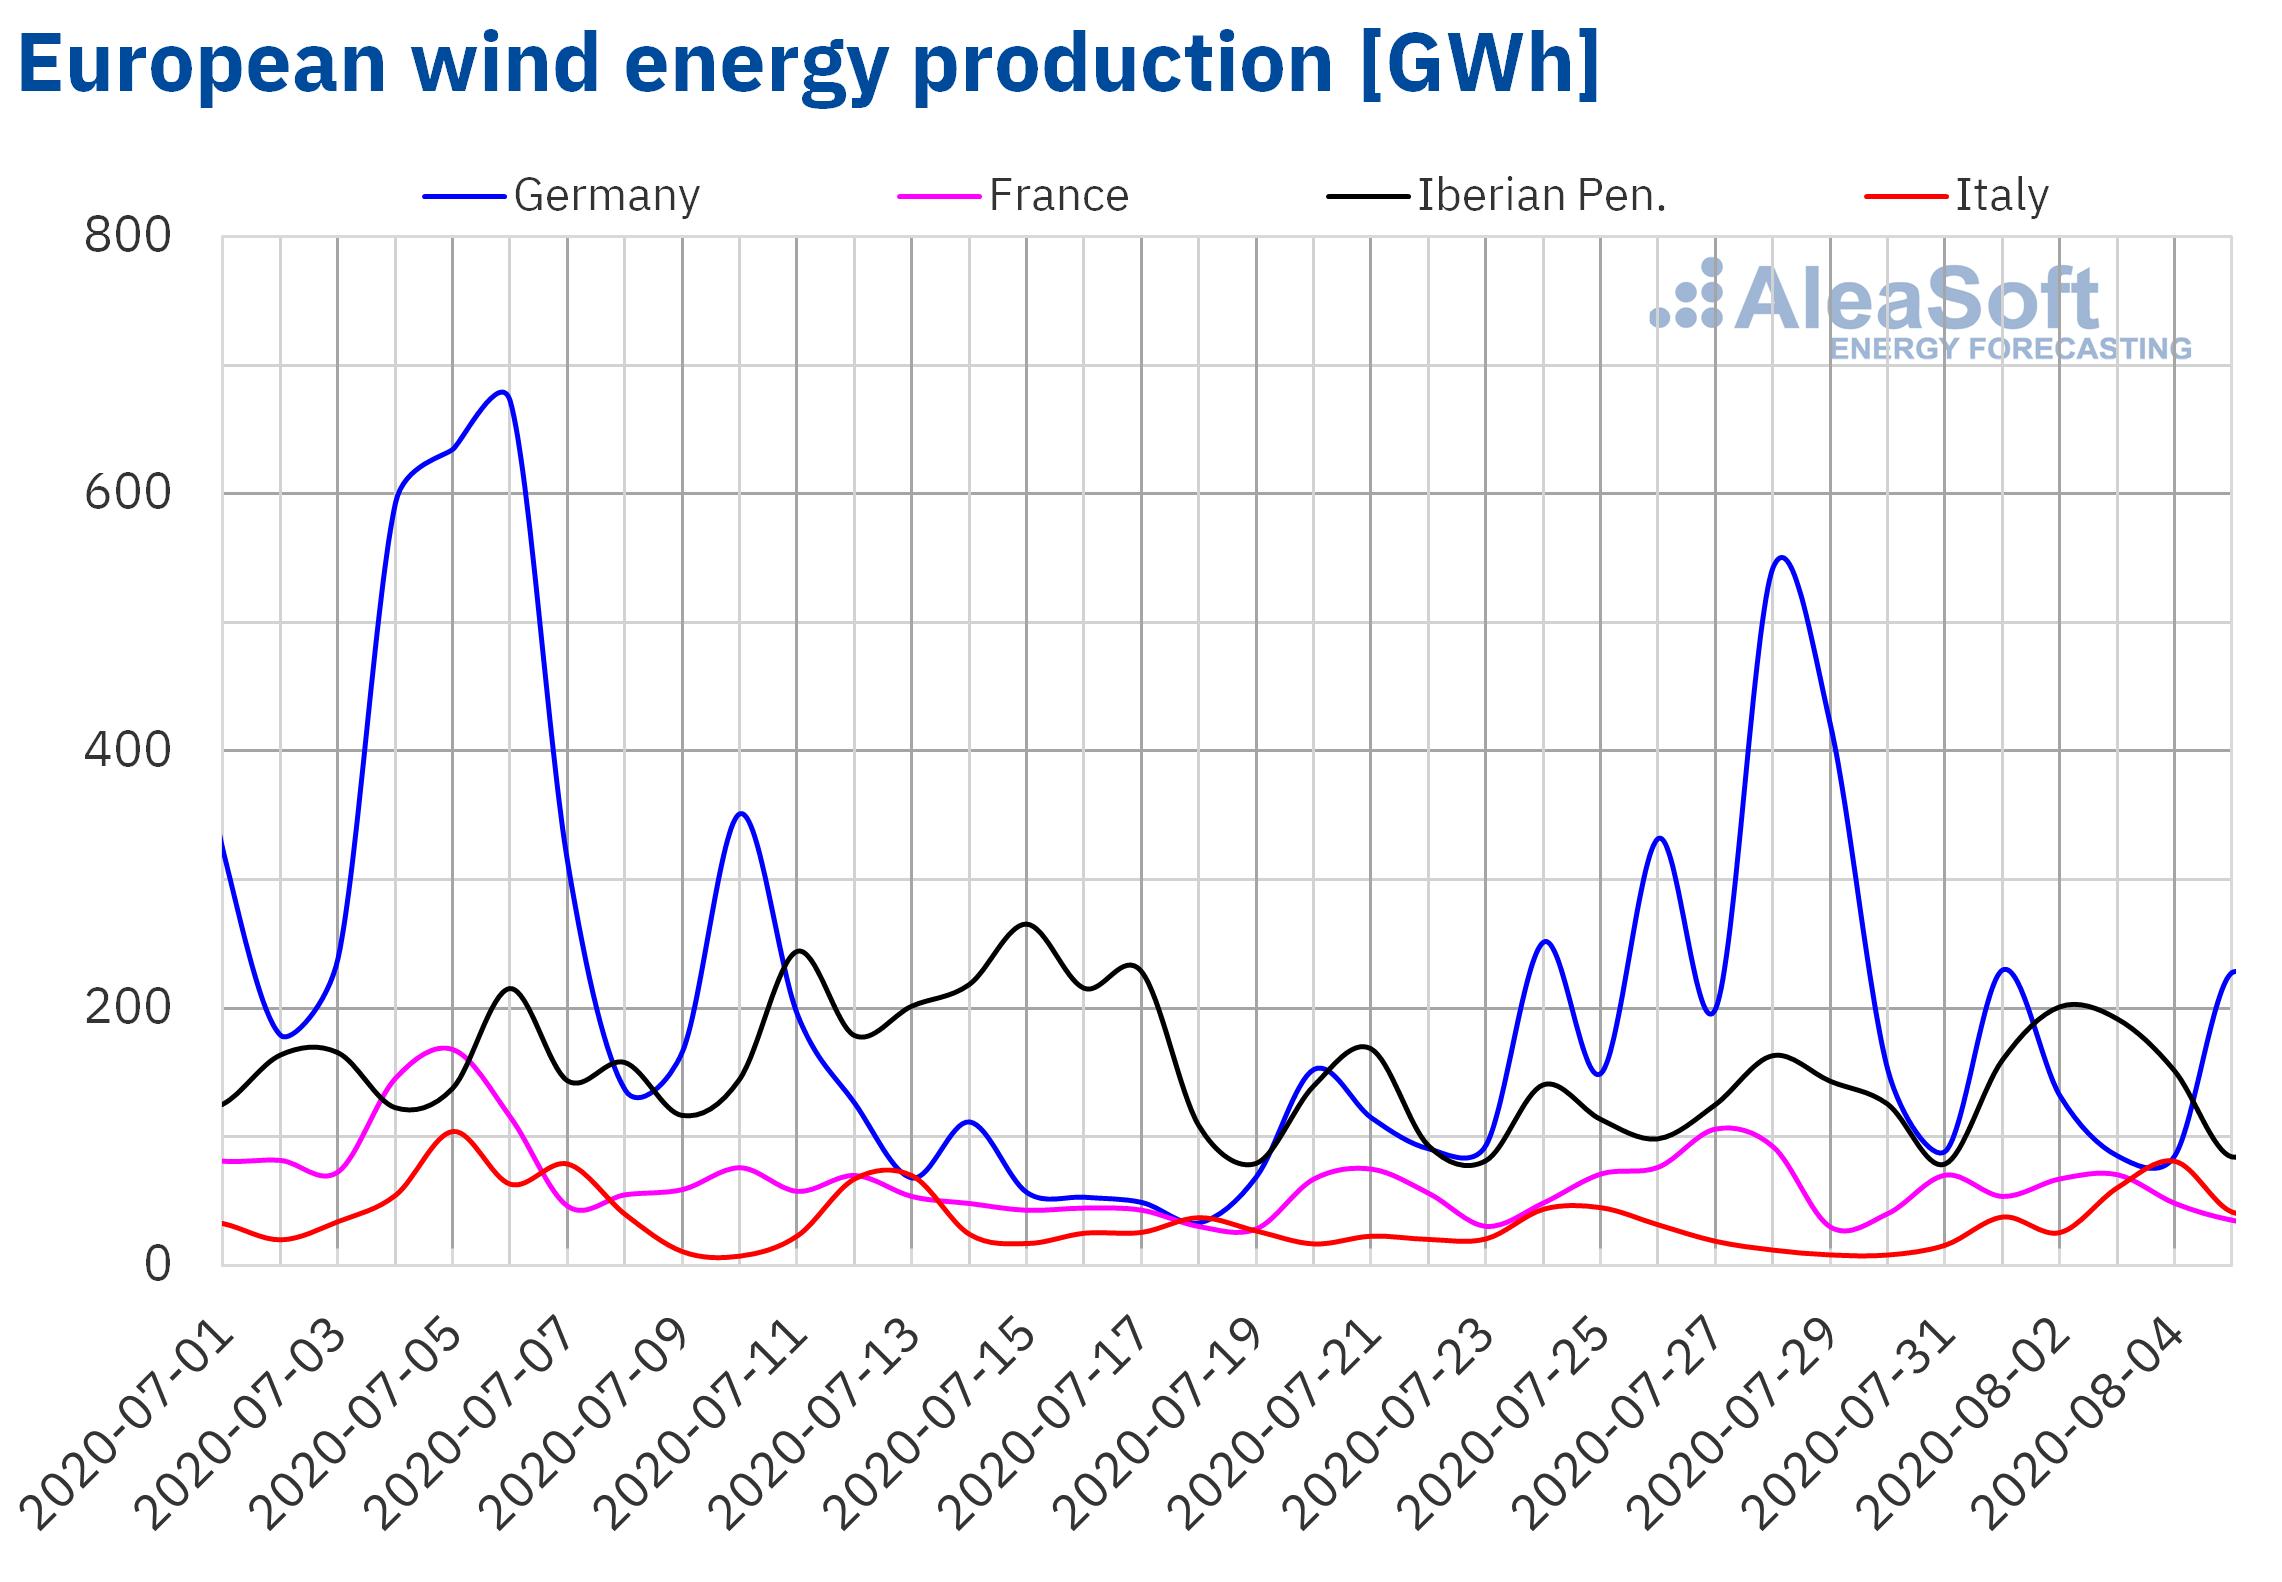 AleaSoft - Wind energy production of Europe